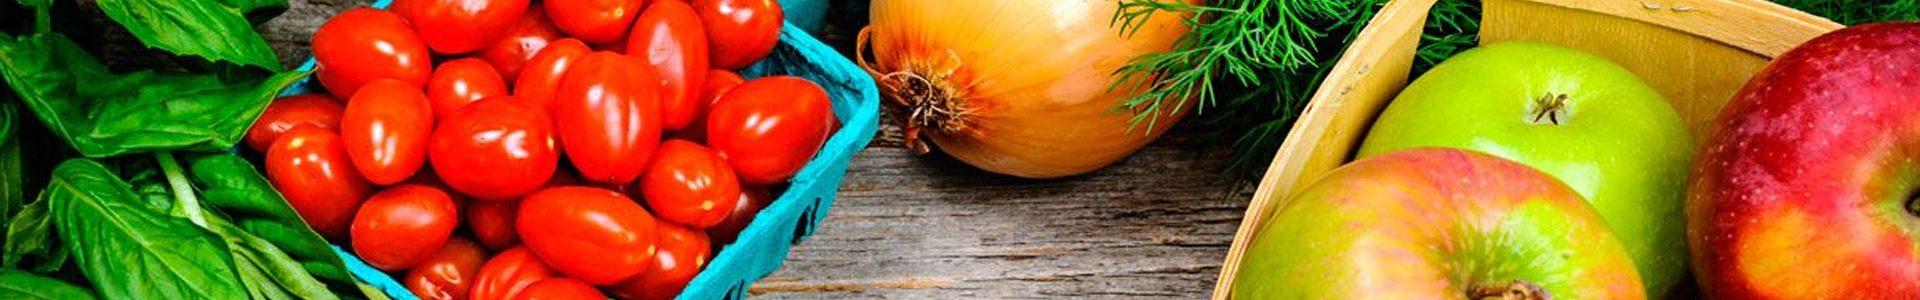 alimentos ecologicos y bio